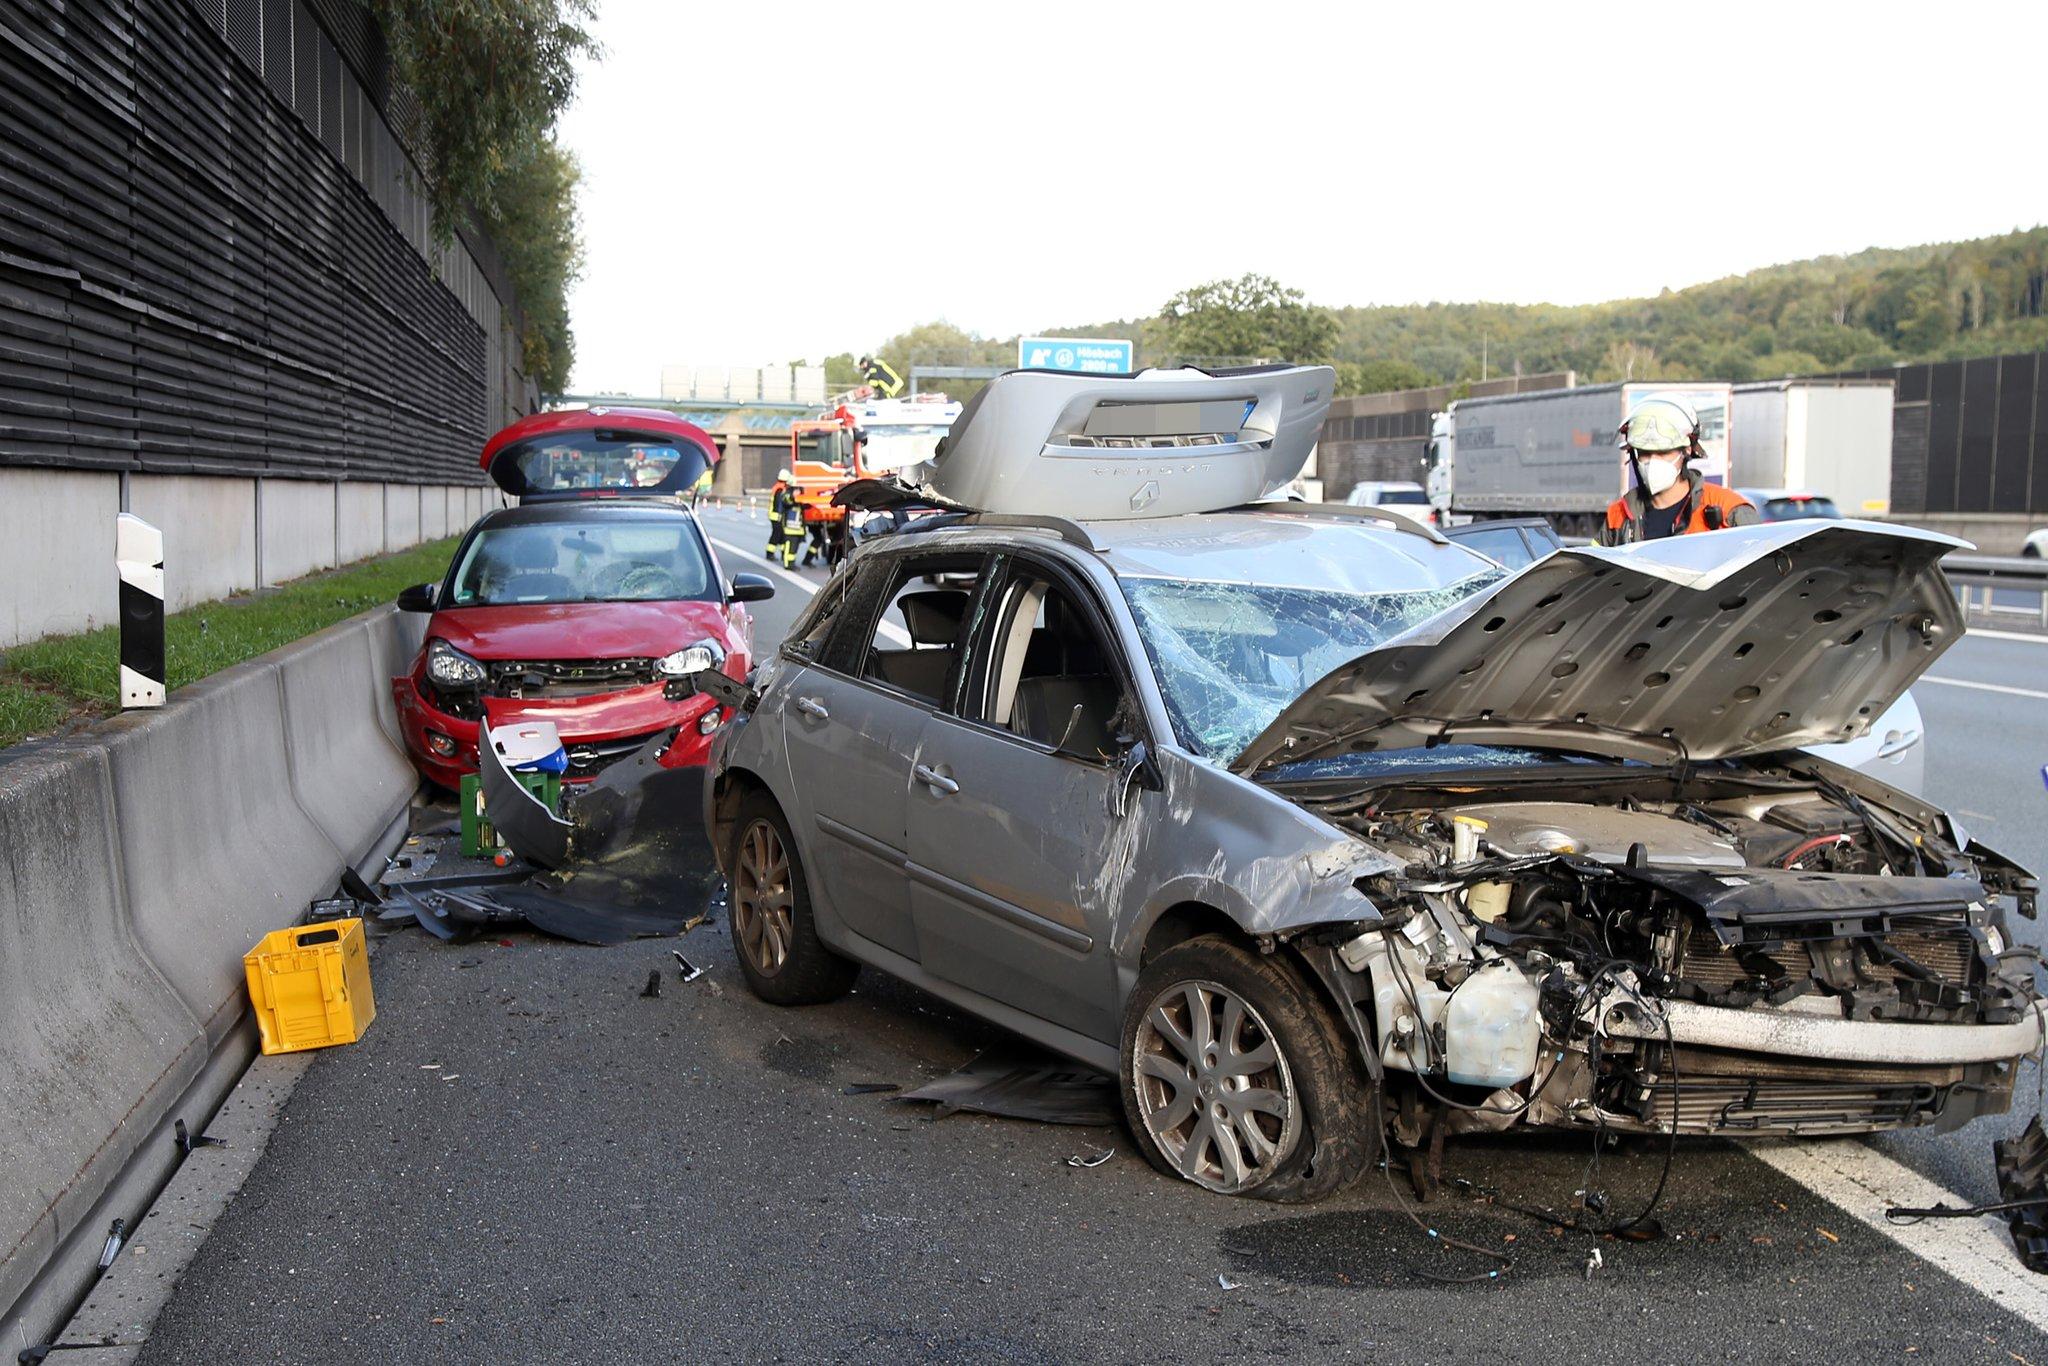 Vollsperrung Der Autobahneinhausung Verkehrsunfall Auf Der A3 Bei Goldbach Am 10 09 2020 Goldbach